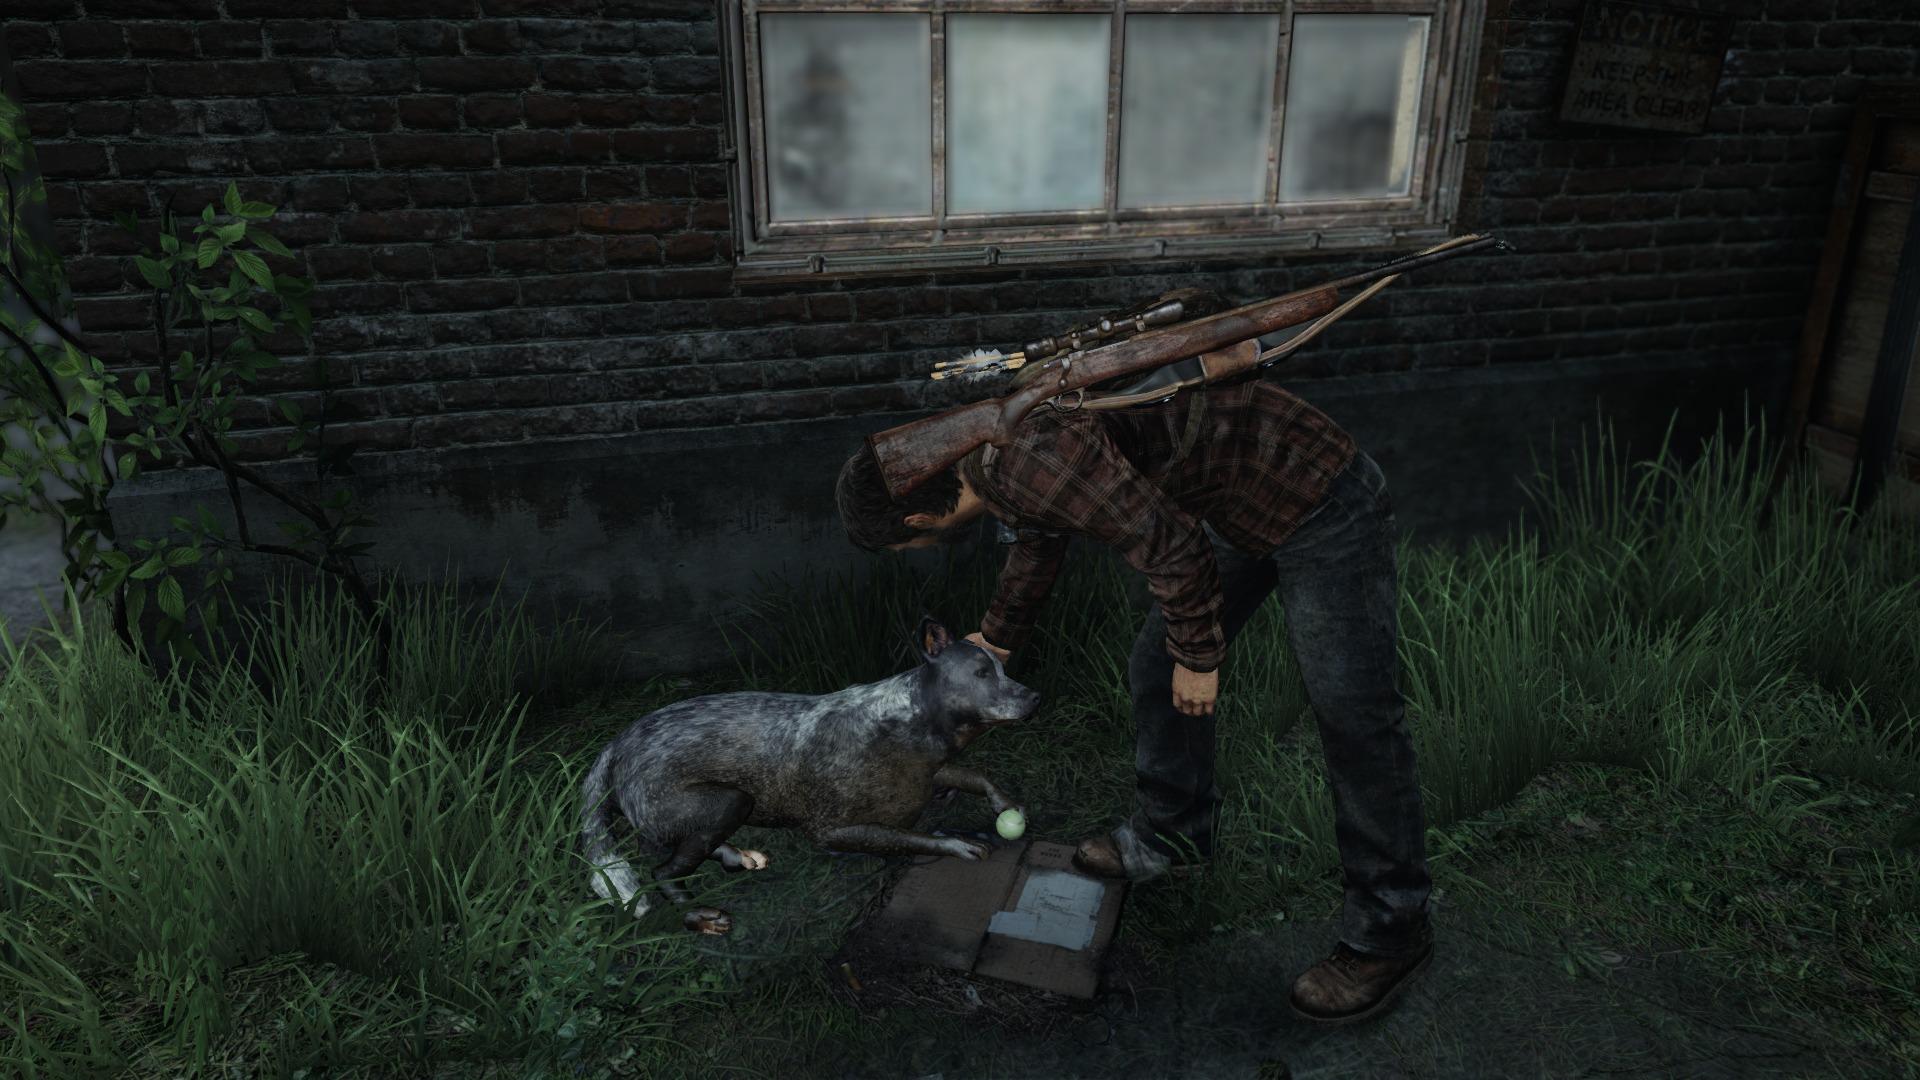 210 The Last Of Us Papéis De Parede Hd: The Last Of Us Papéis De Parede, Plano De Fundo Área De